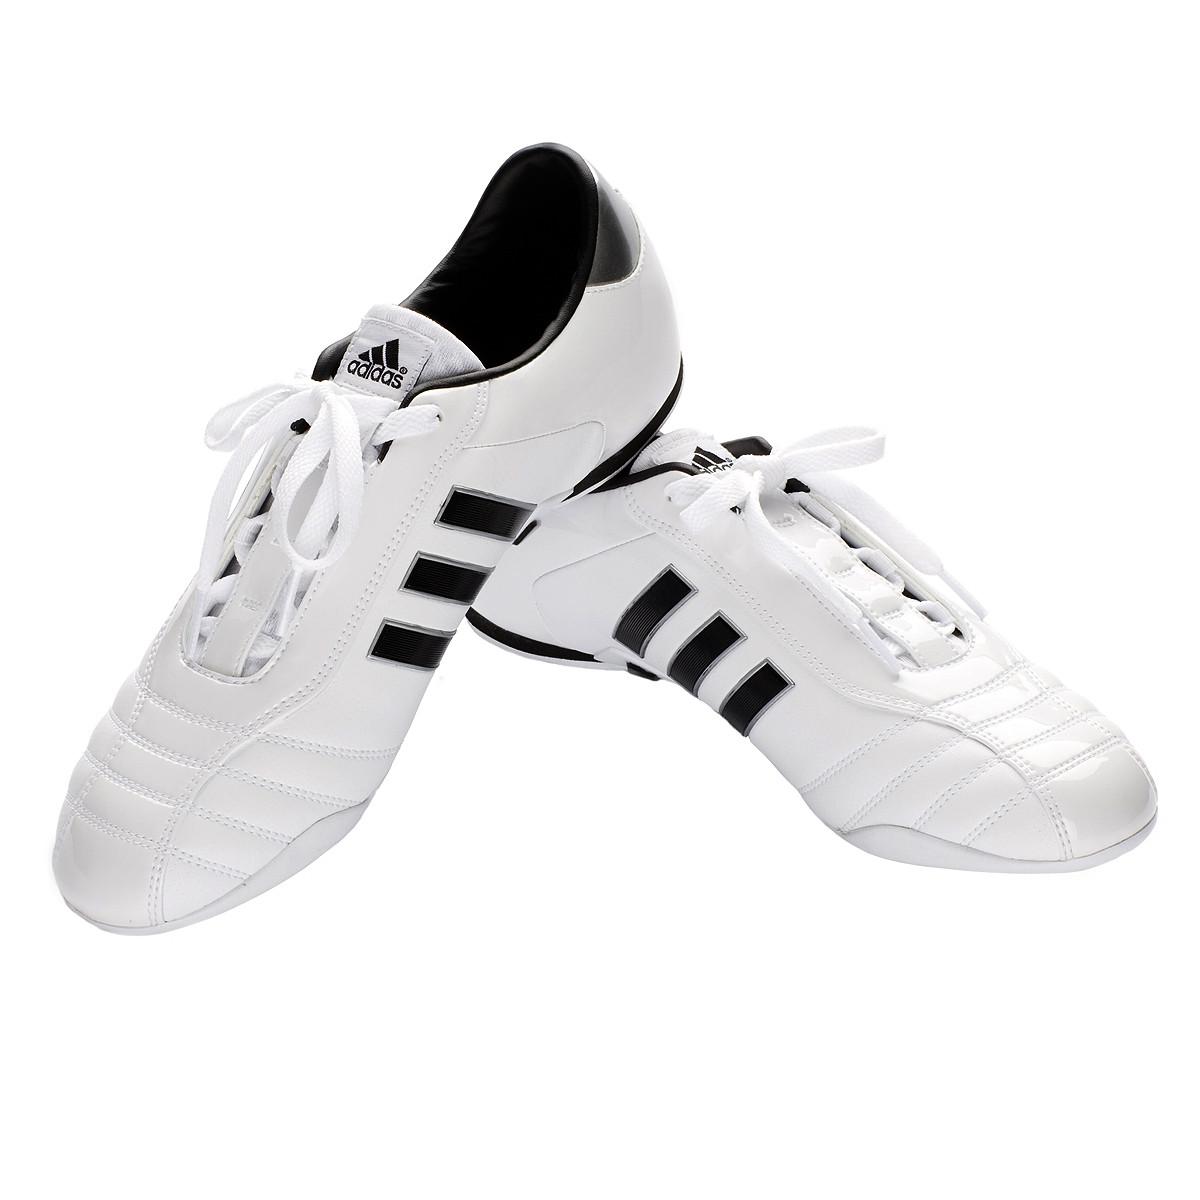 2b068ec4367 Adidas adi-EVOLUTION-1 Martial Arts Shoes - Golden Tiger Martial Art